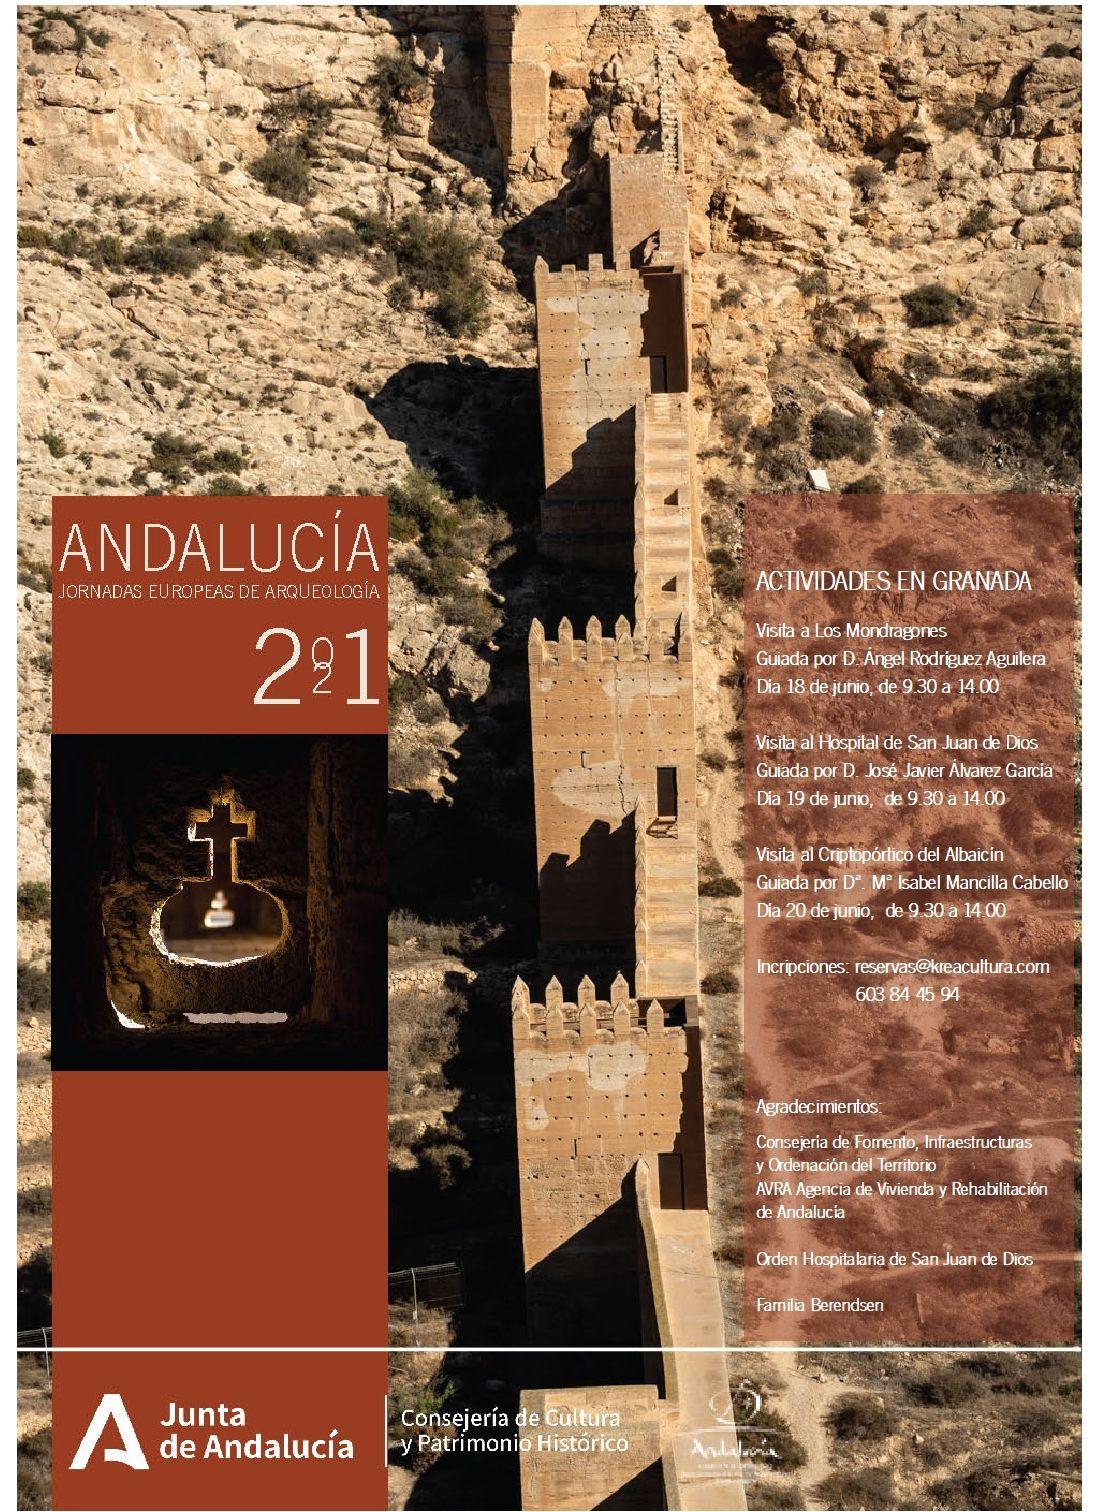 Yacimientos y enclaves de Granada, Galera, Baza, Guadix y Salar se abren en las Jornadas Europeas de Arqueología